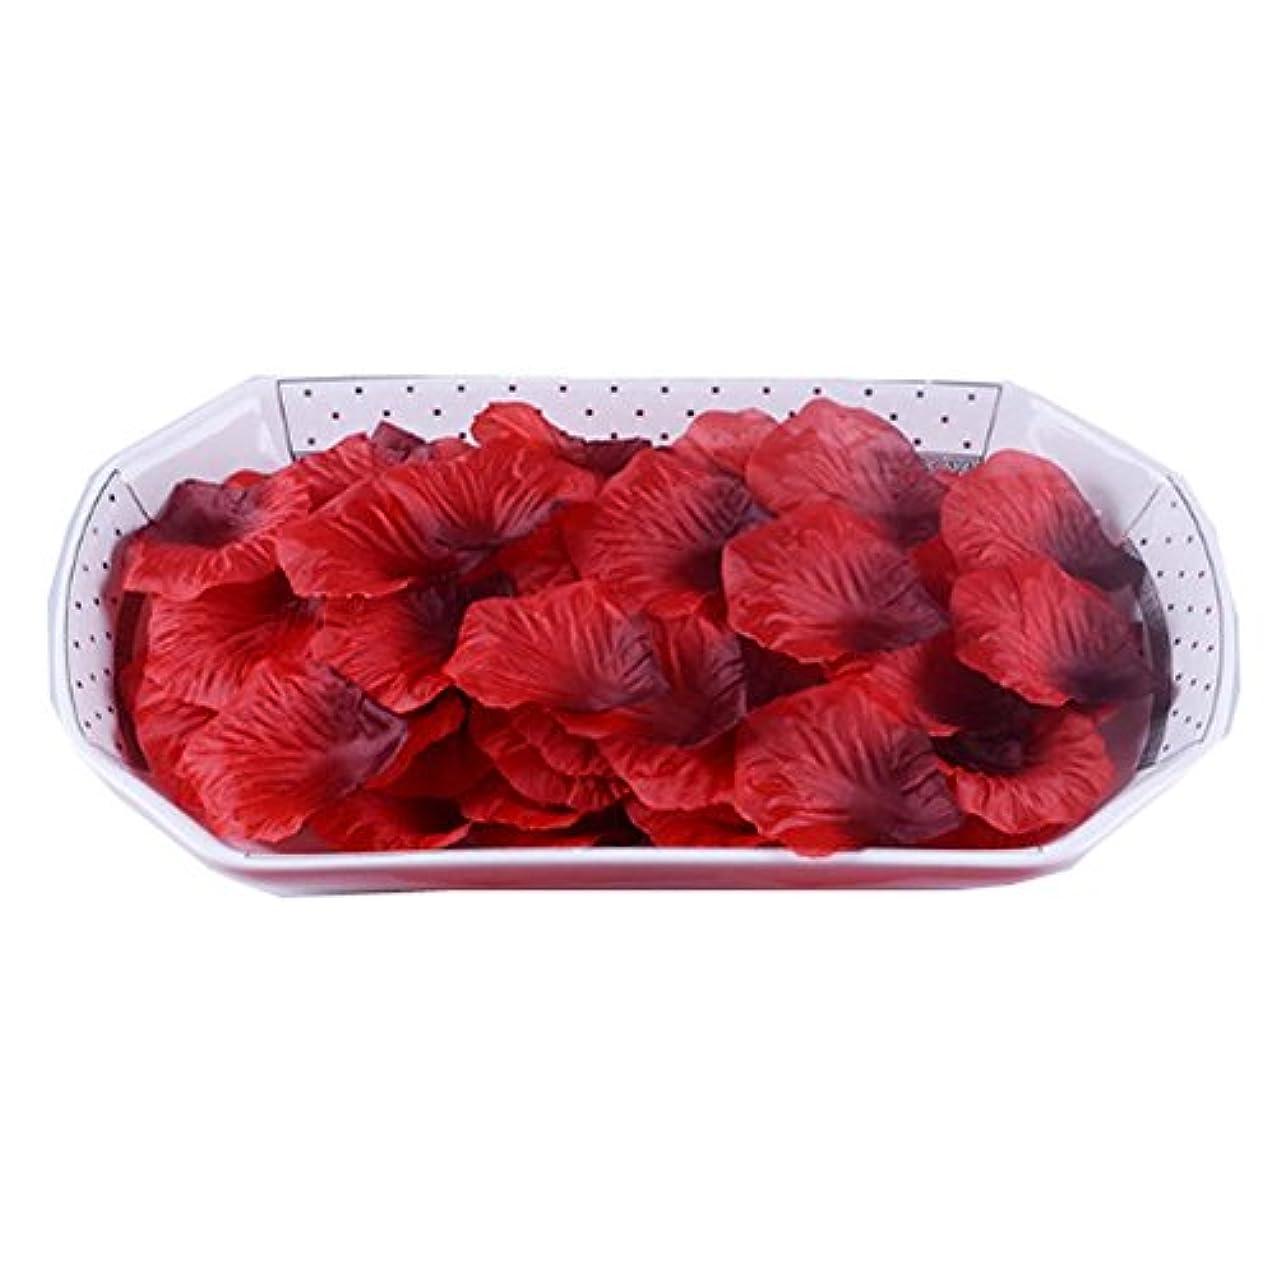 電報キャッチボーナス人工花びらの結婚式の装飾品は、3000の花びらのセットをバラ